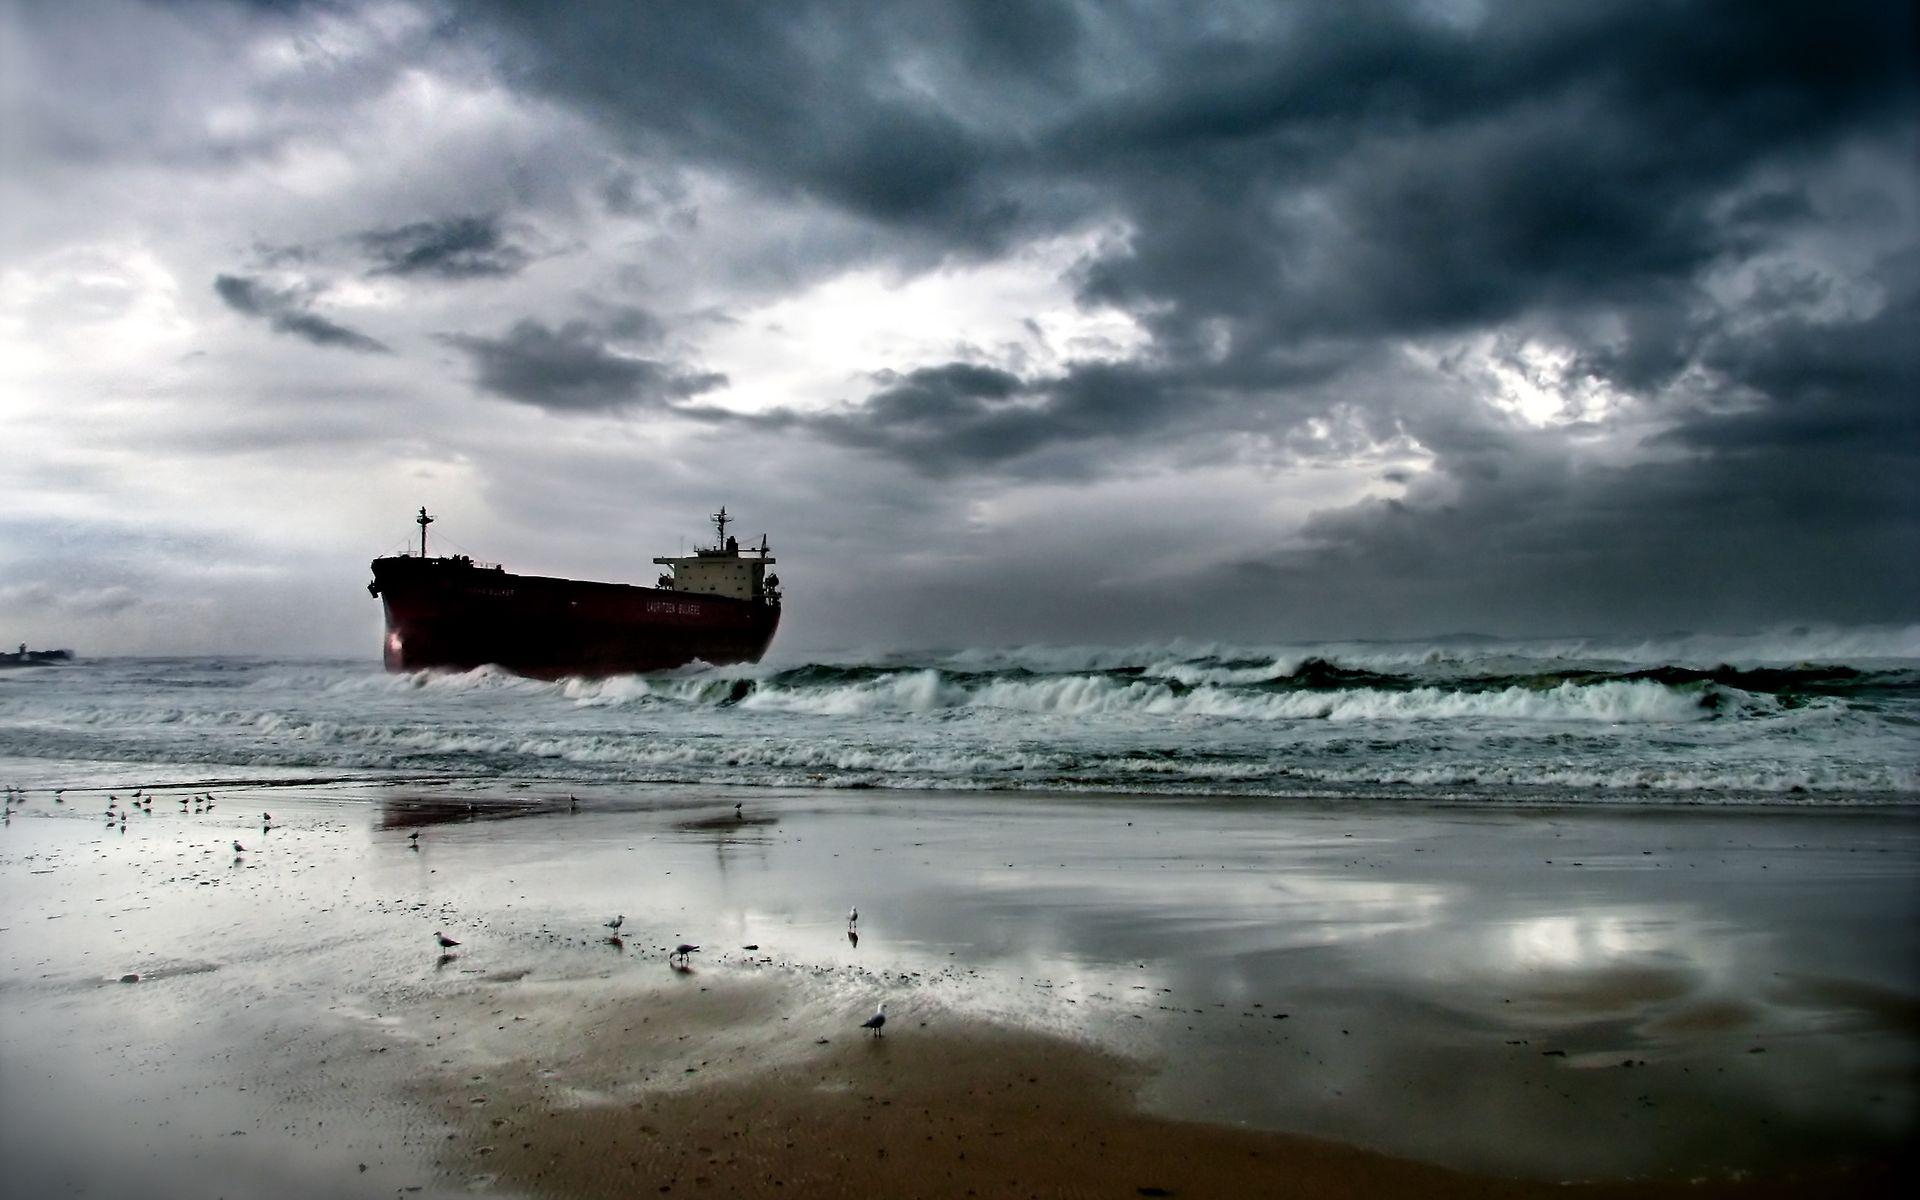 Καλό απόγευμα, με μια υπέροχη φωτογραφία! - e-Nautilia.gr | Το Ελληνικό Portal για την Ναυτιλία. Τελευταία νέα, άρθρα, Οπτικοακουστικό Υλικό